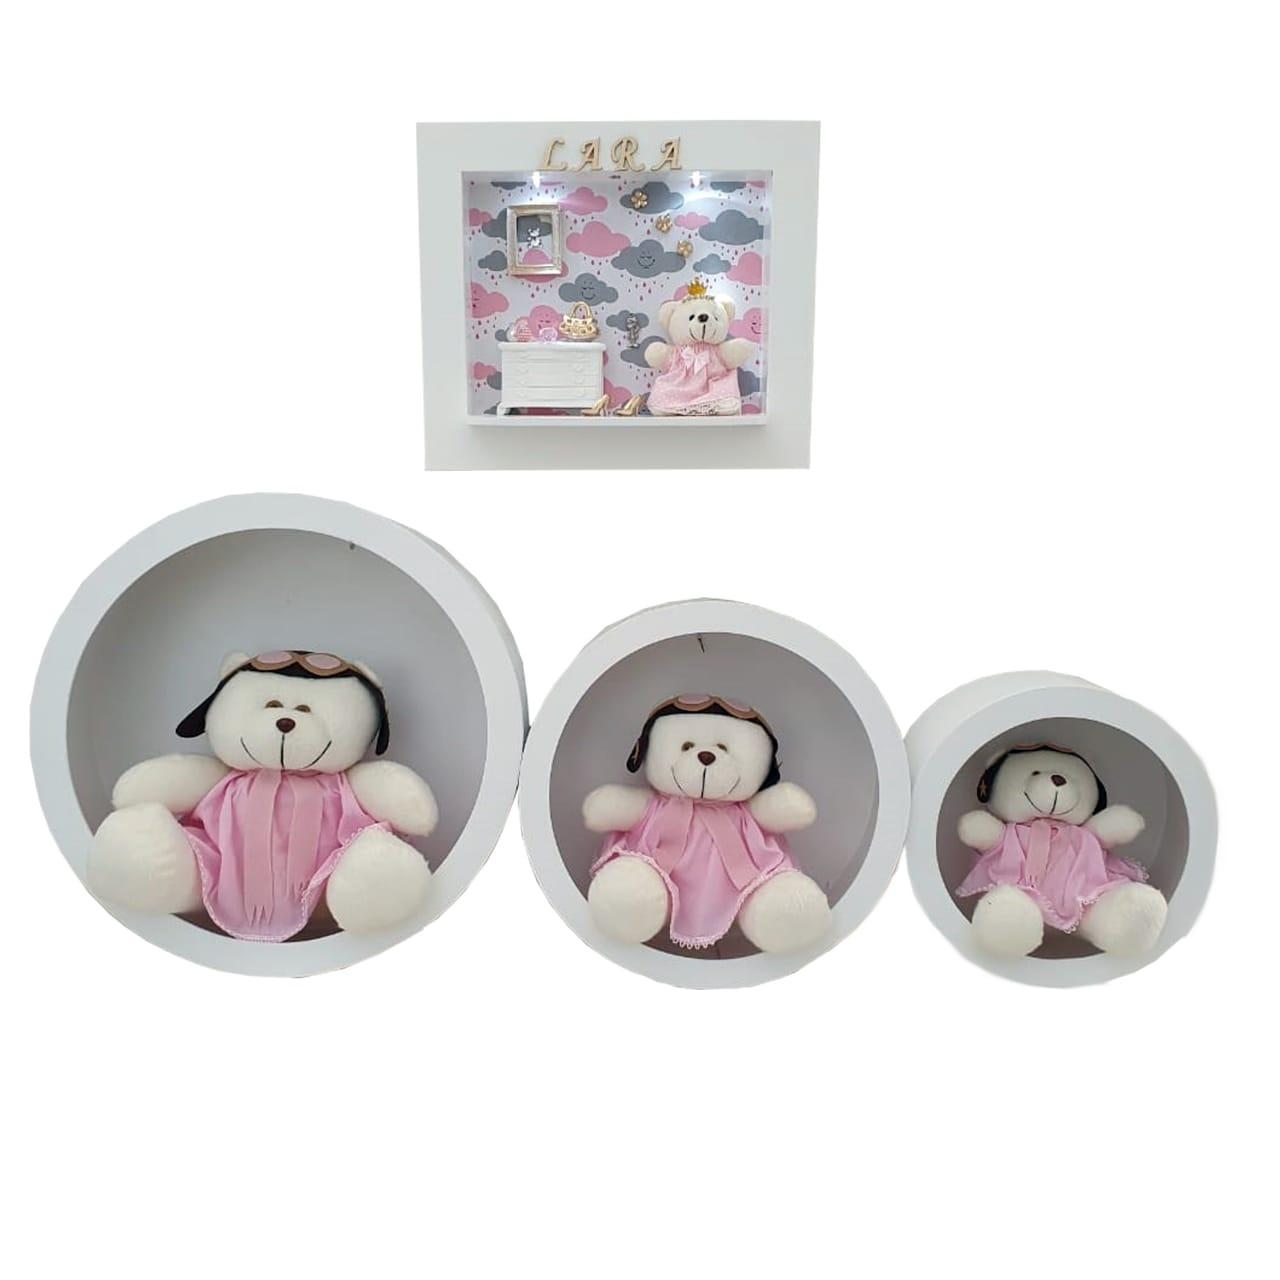 Quadro Maternidade Com Nome e Nicho com Ursa Aviadora - Combo Decoração Quarto de Bebê Infantil